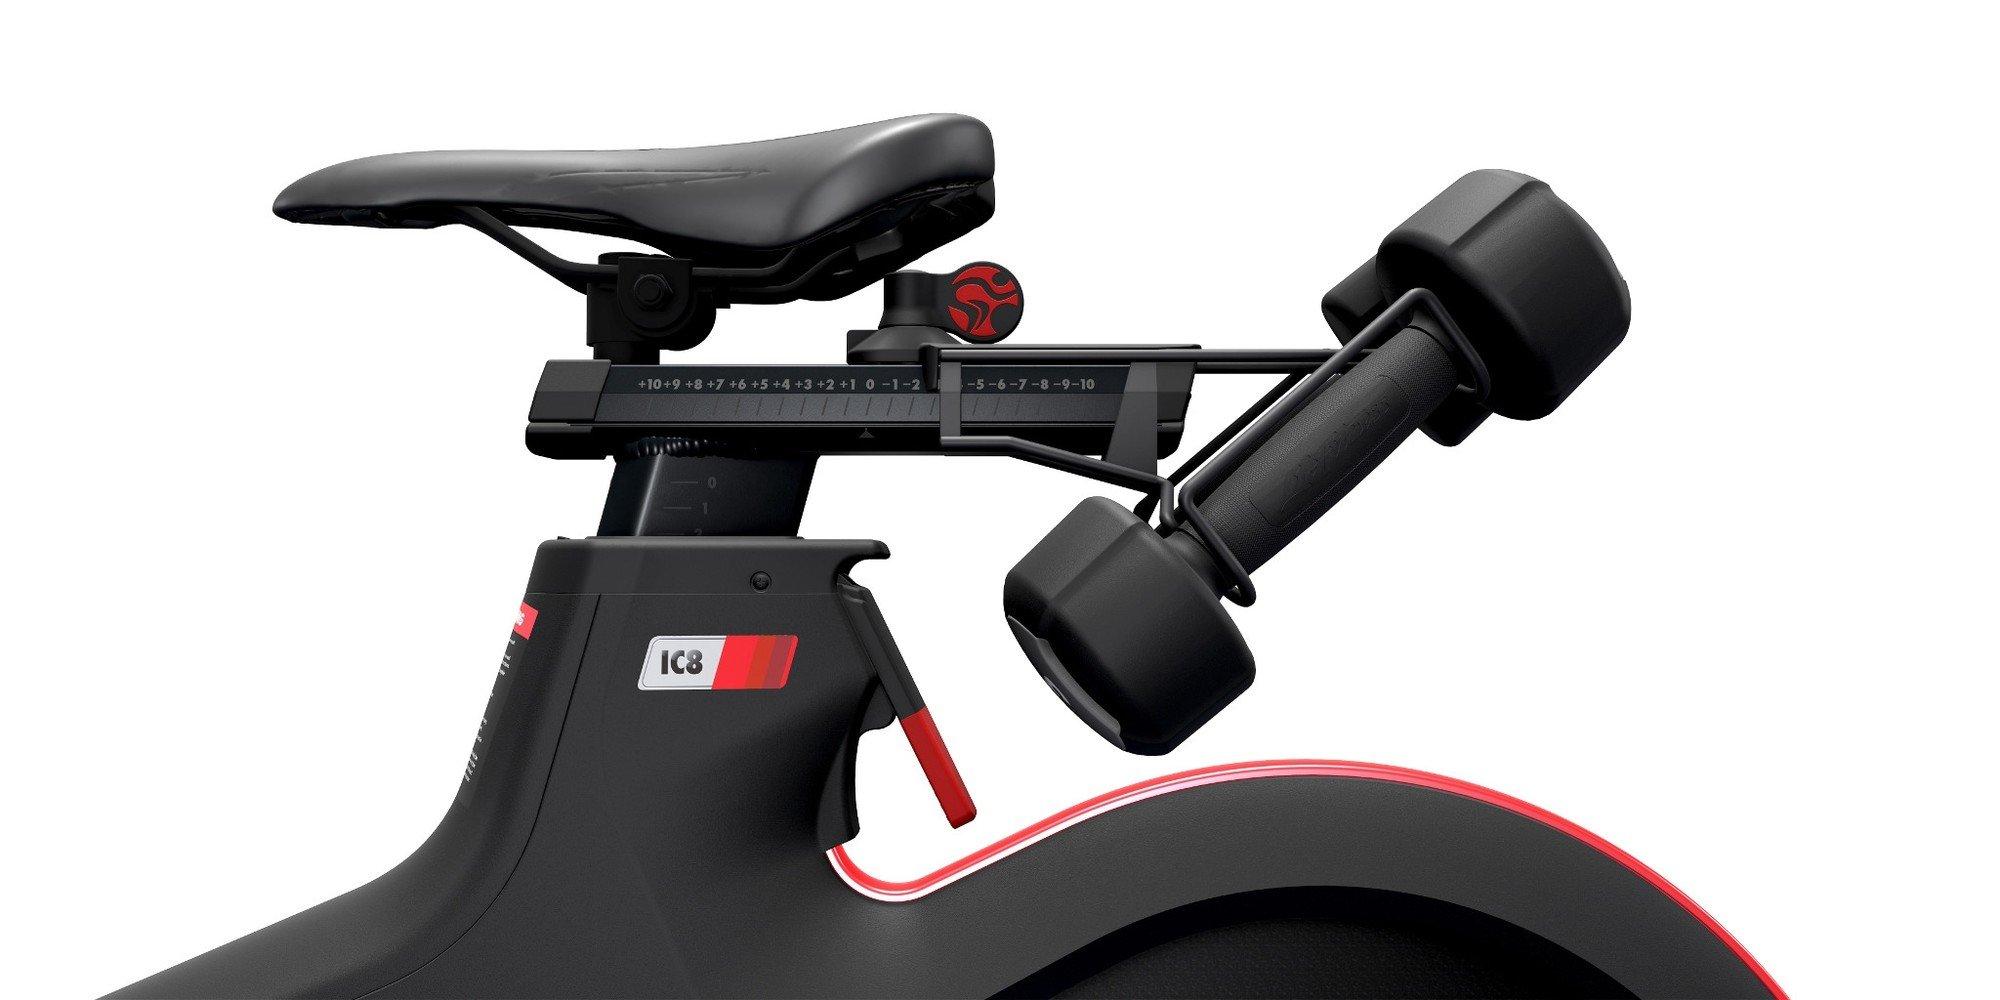 Afbeelding van Life Fitness dumbbell houder IC4, IC5, IC6, IC7 en IC8